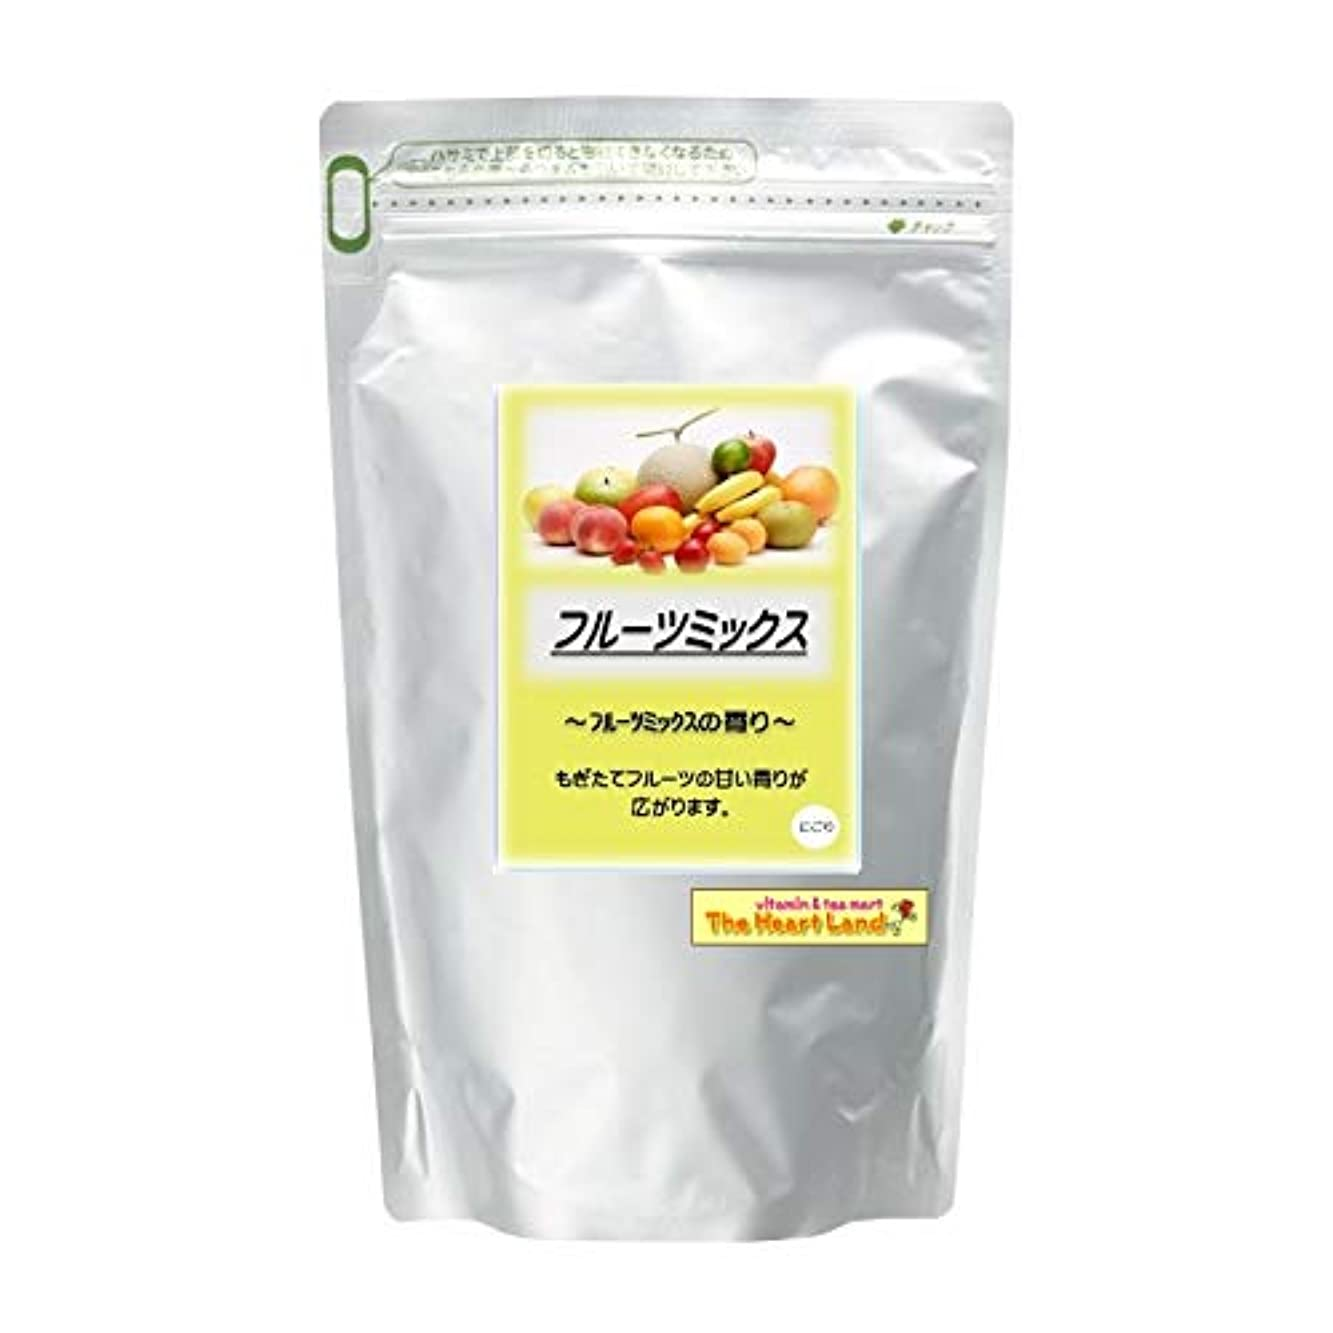 メキシコ編集するなだめるアサヒ入浴剤 浴用入浴化粧品 フルーツミックス 2.5kg